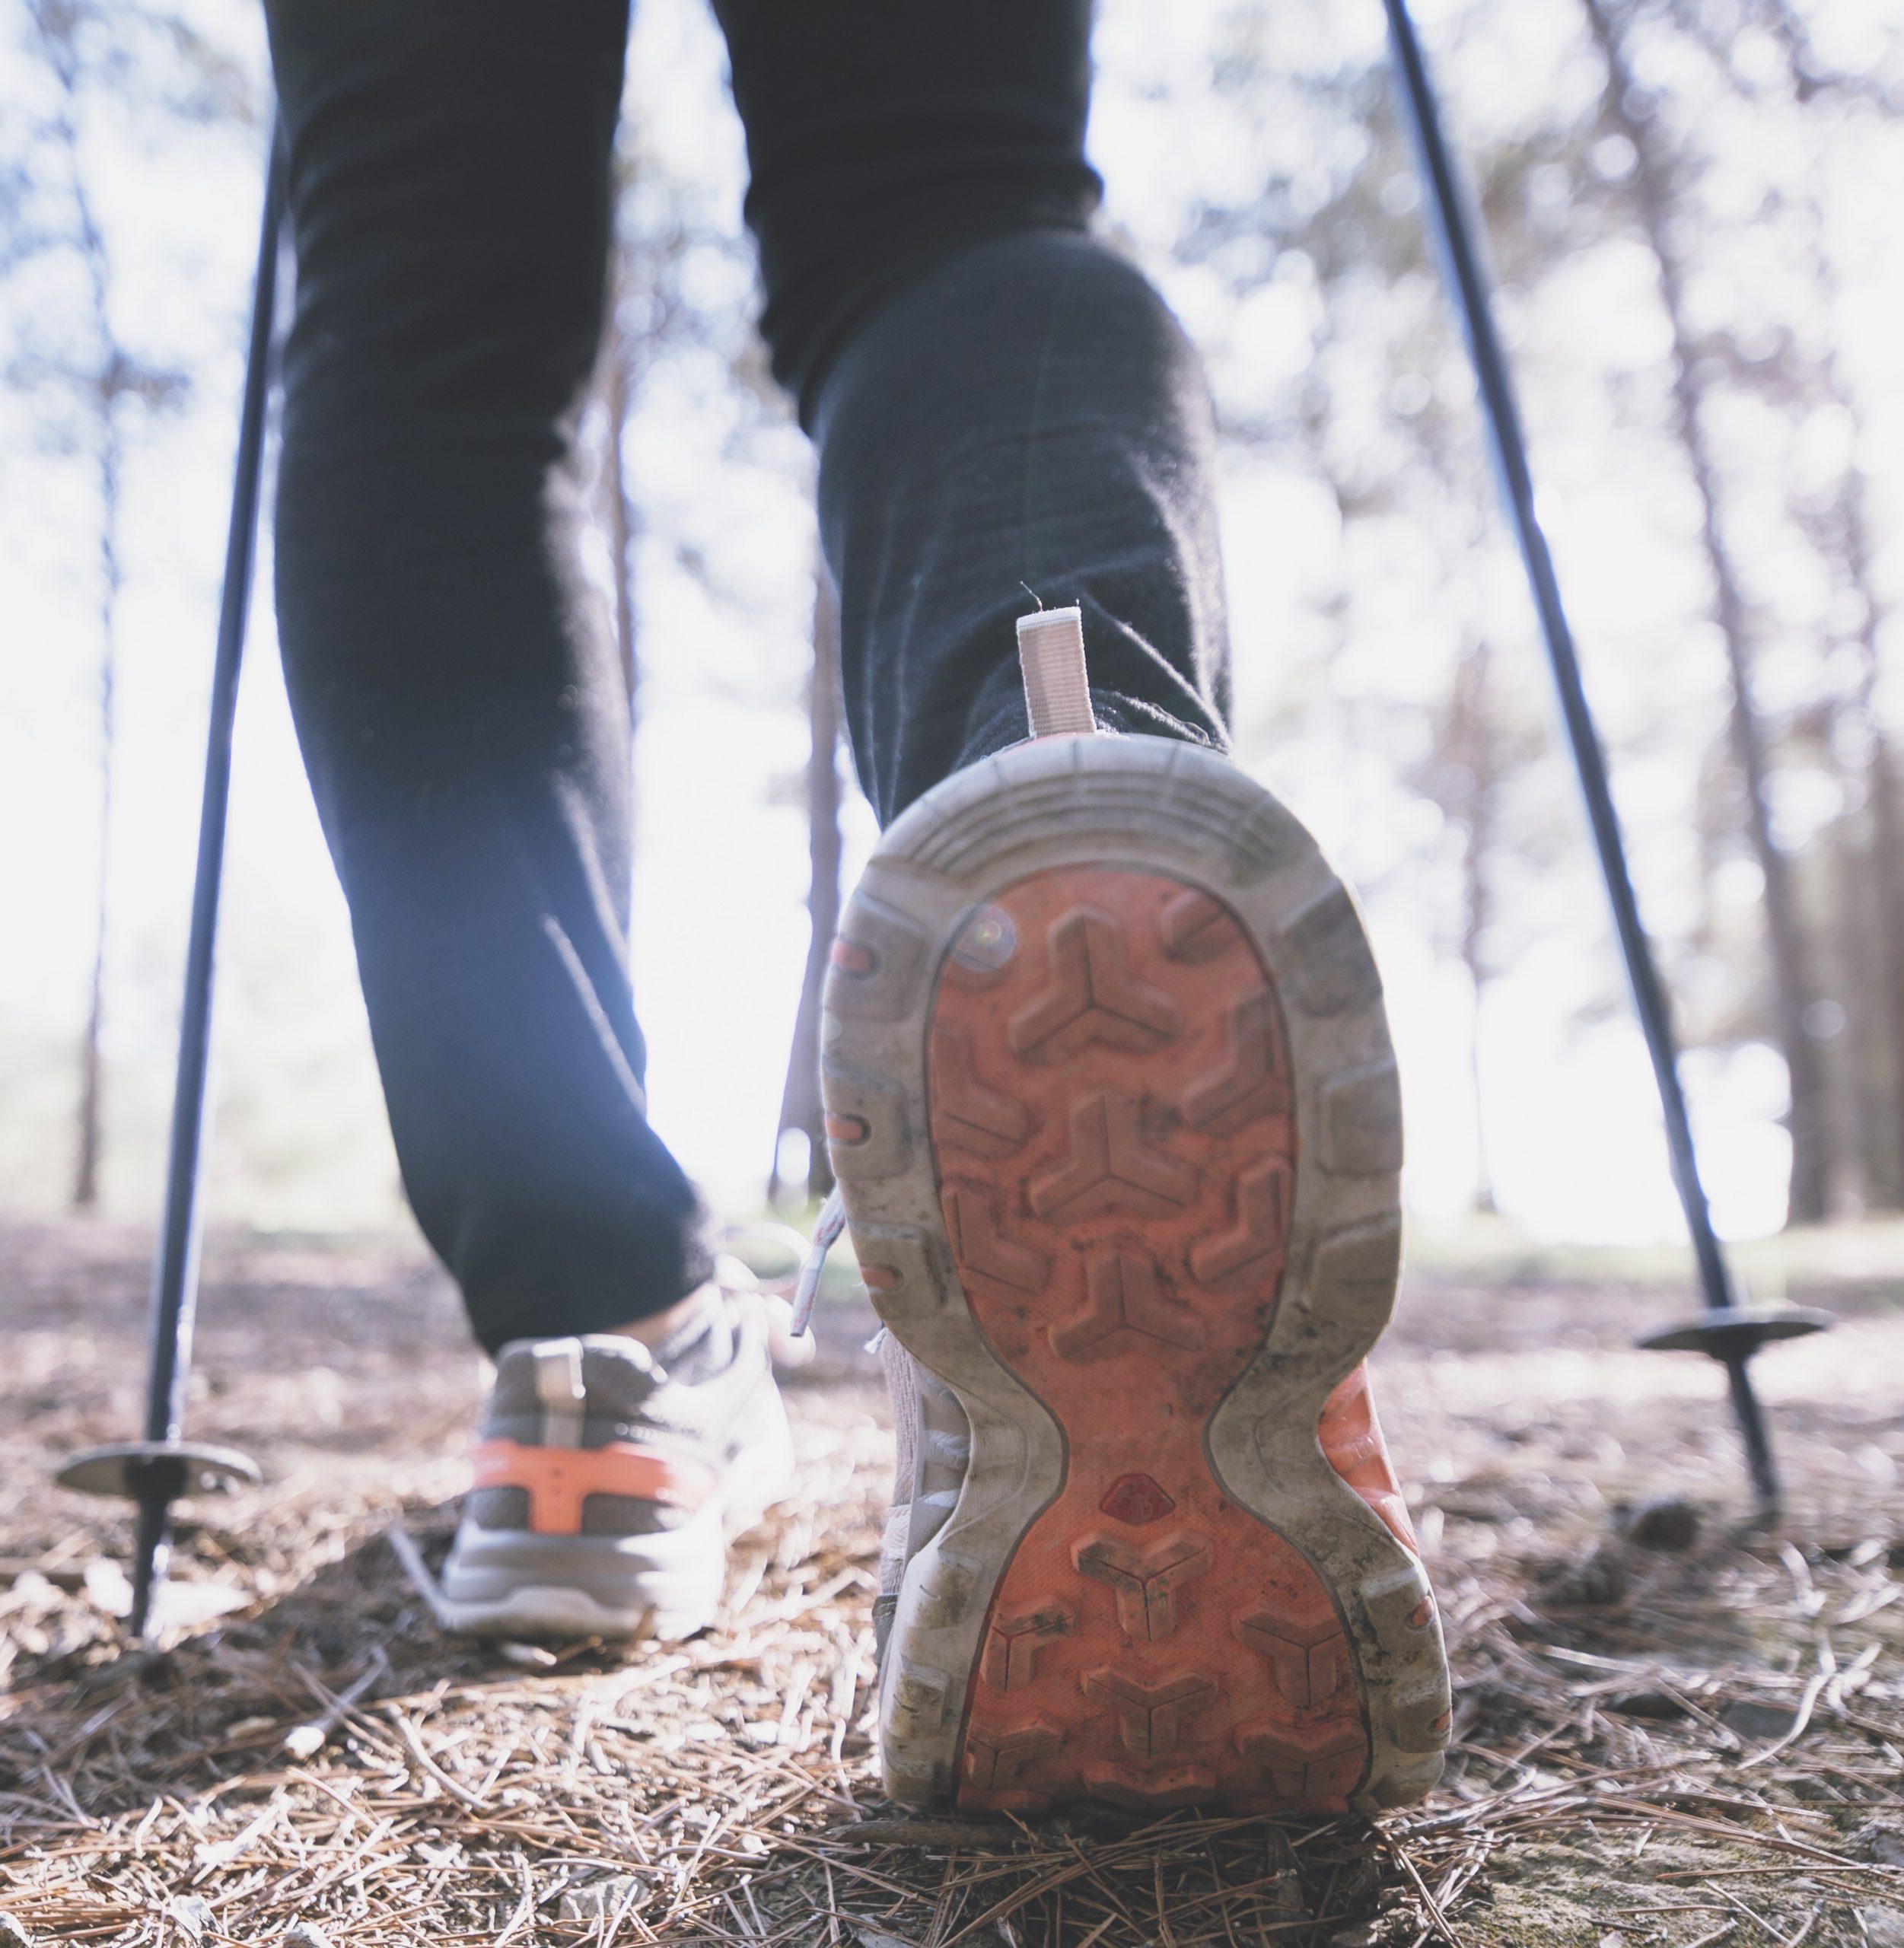 batons de marche pour ou contre par thibault gond